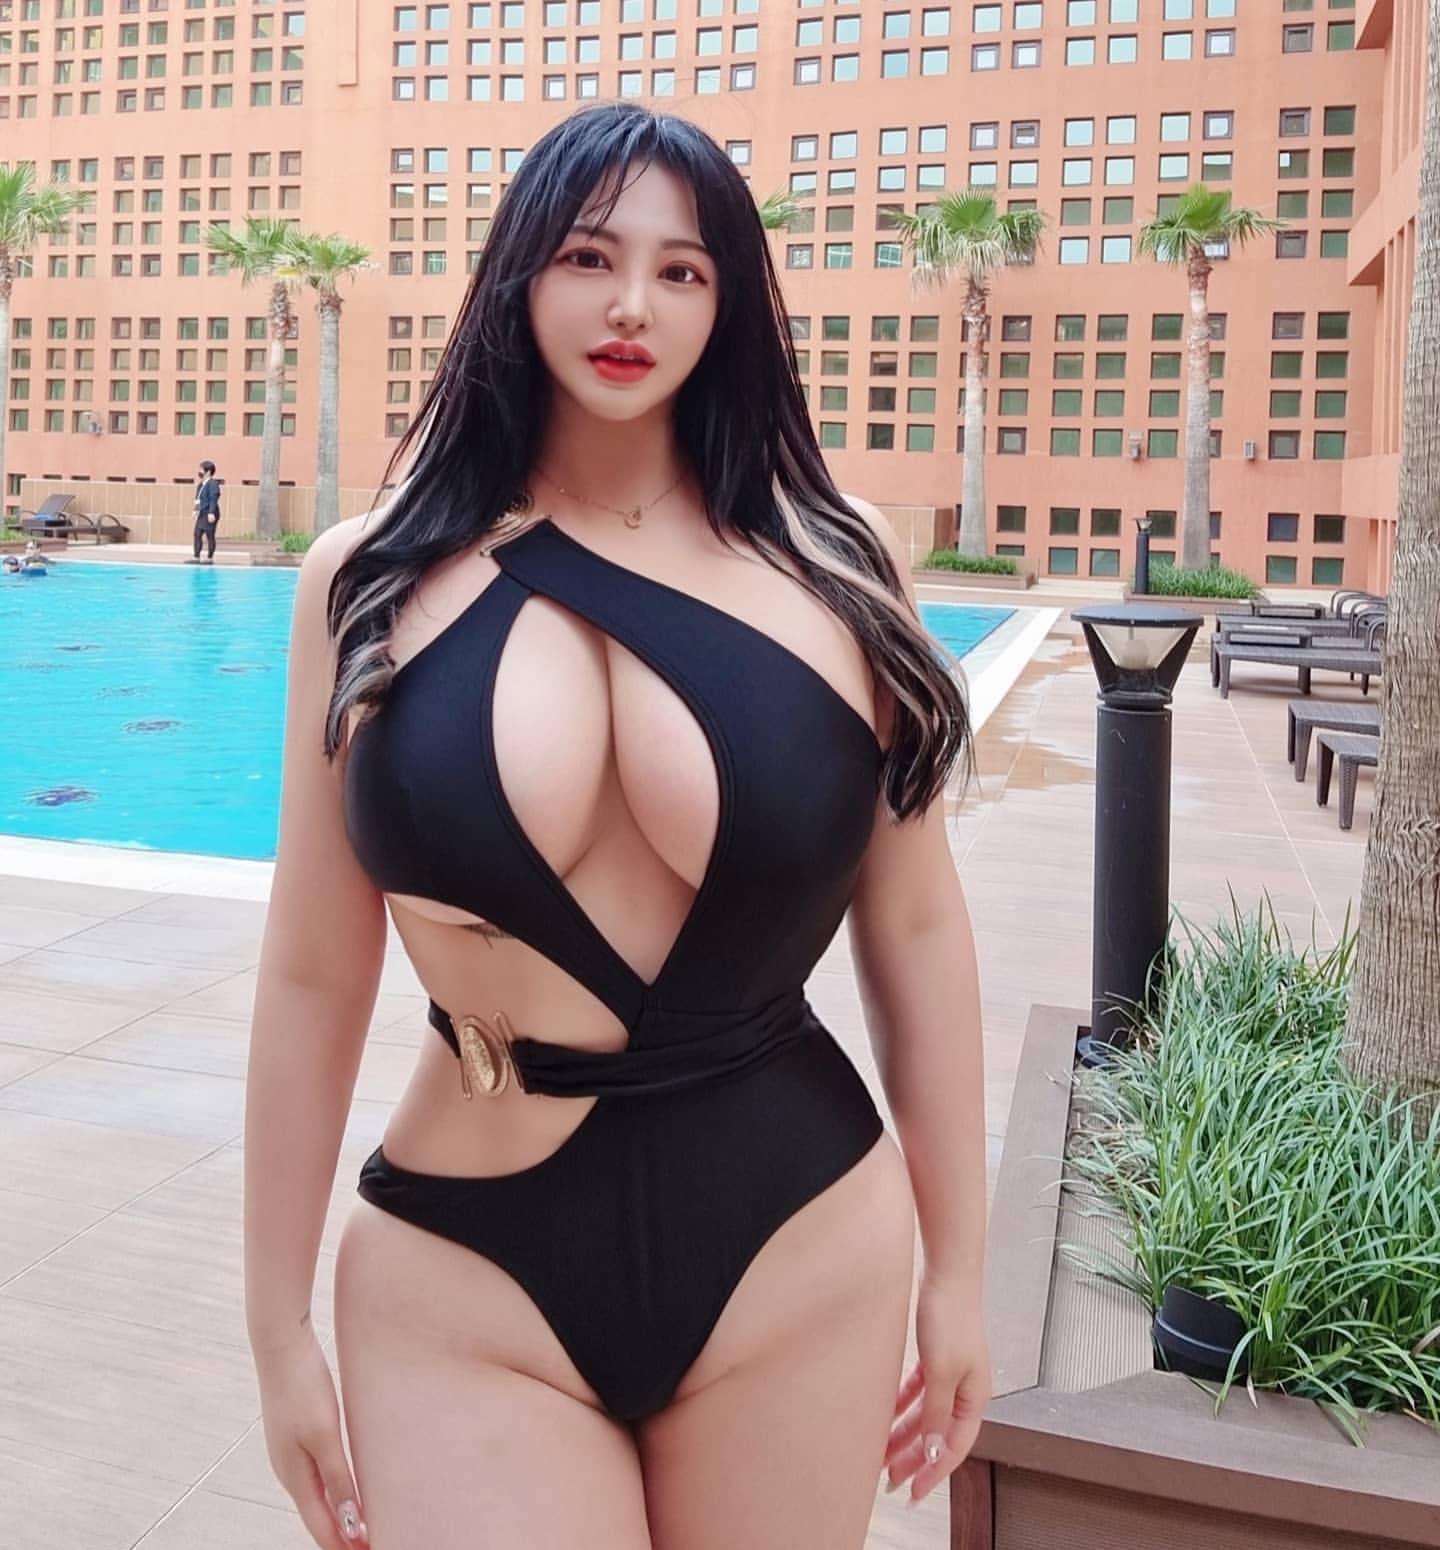 【画像】エチエチ韓国美女、修正しすぎて絵みたいになるwww